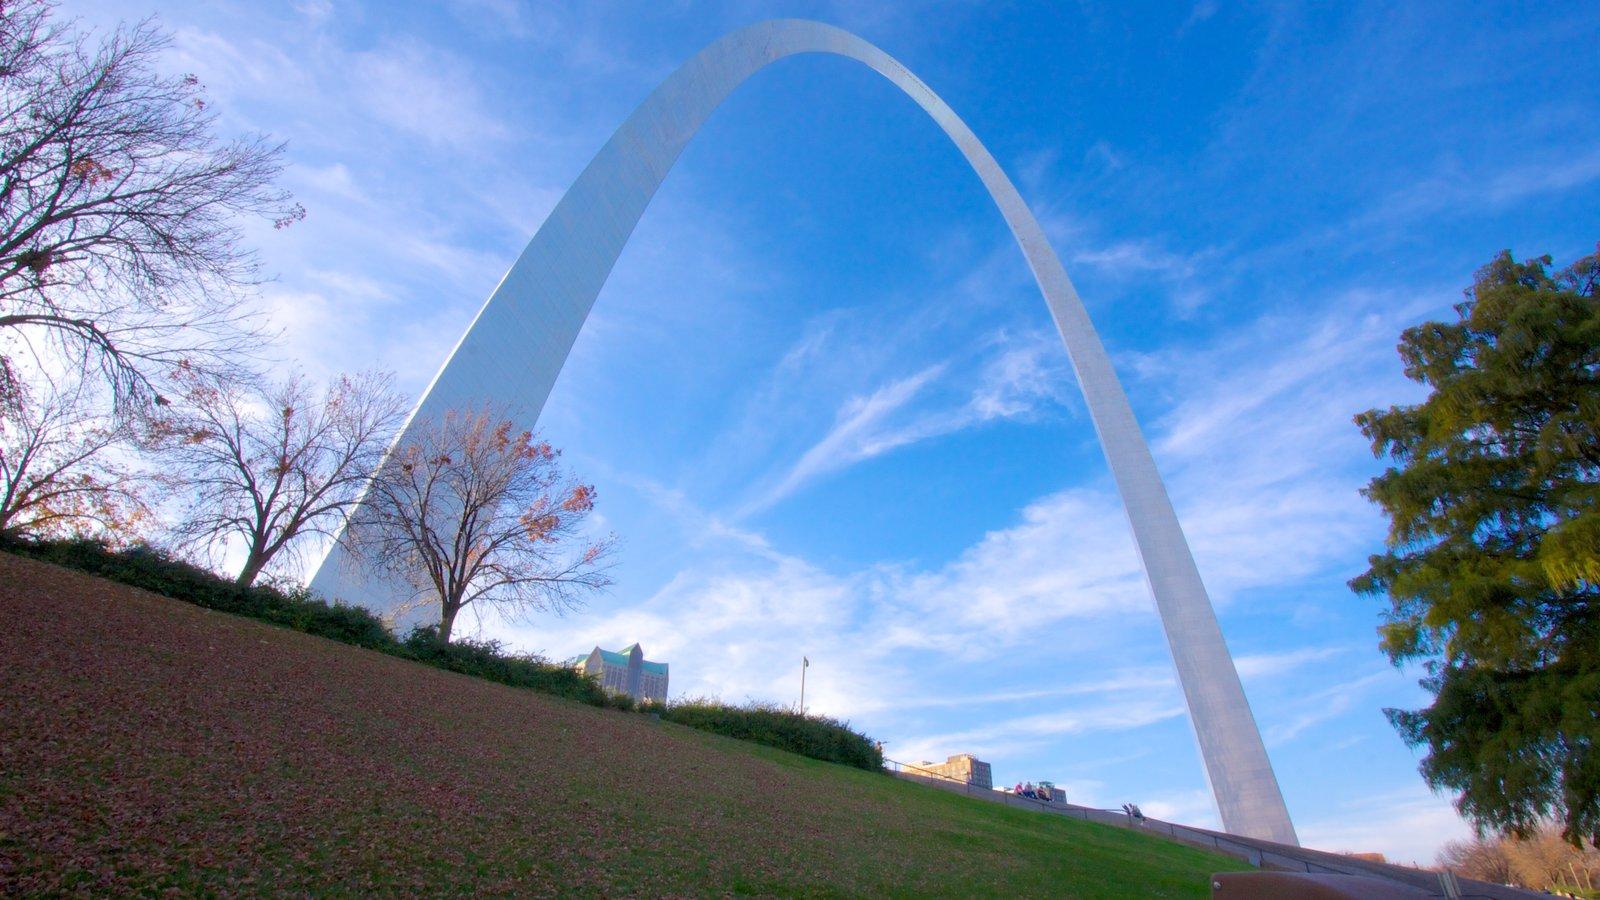 Gateway Arch que inclui paisagem, um monumento e um jardim